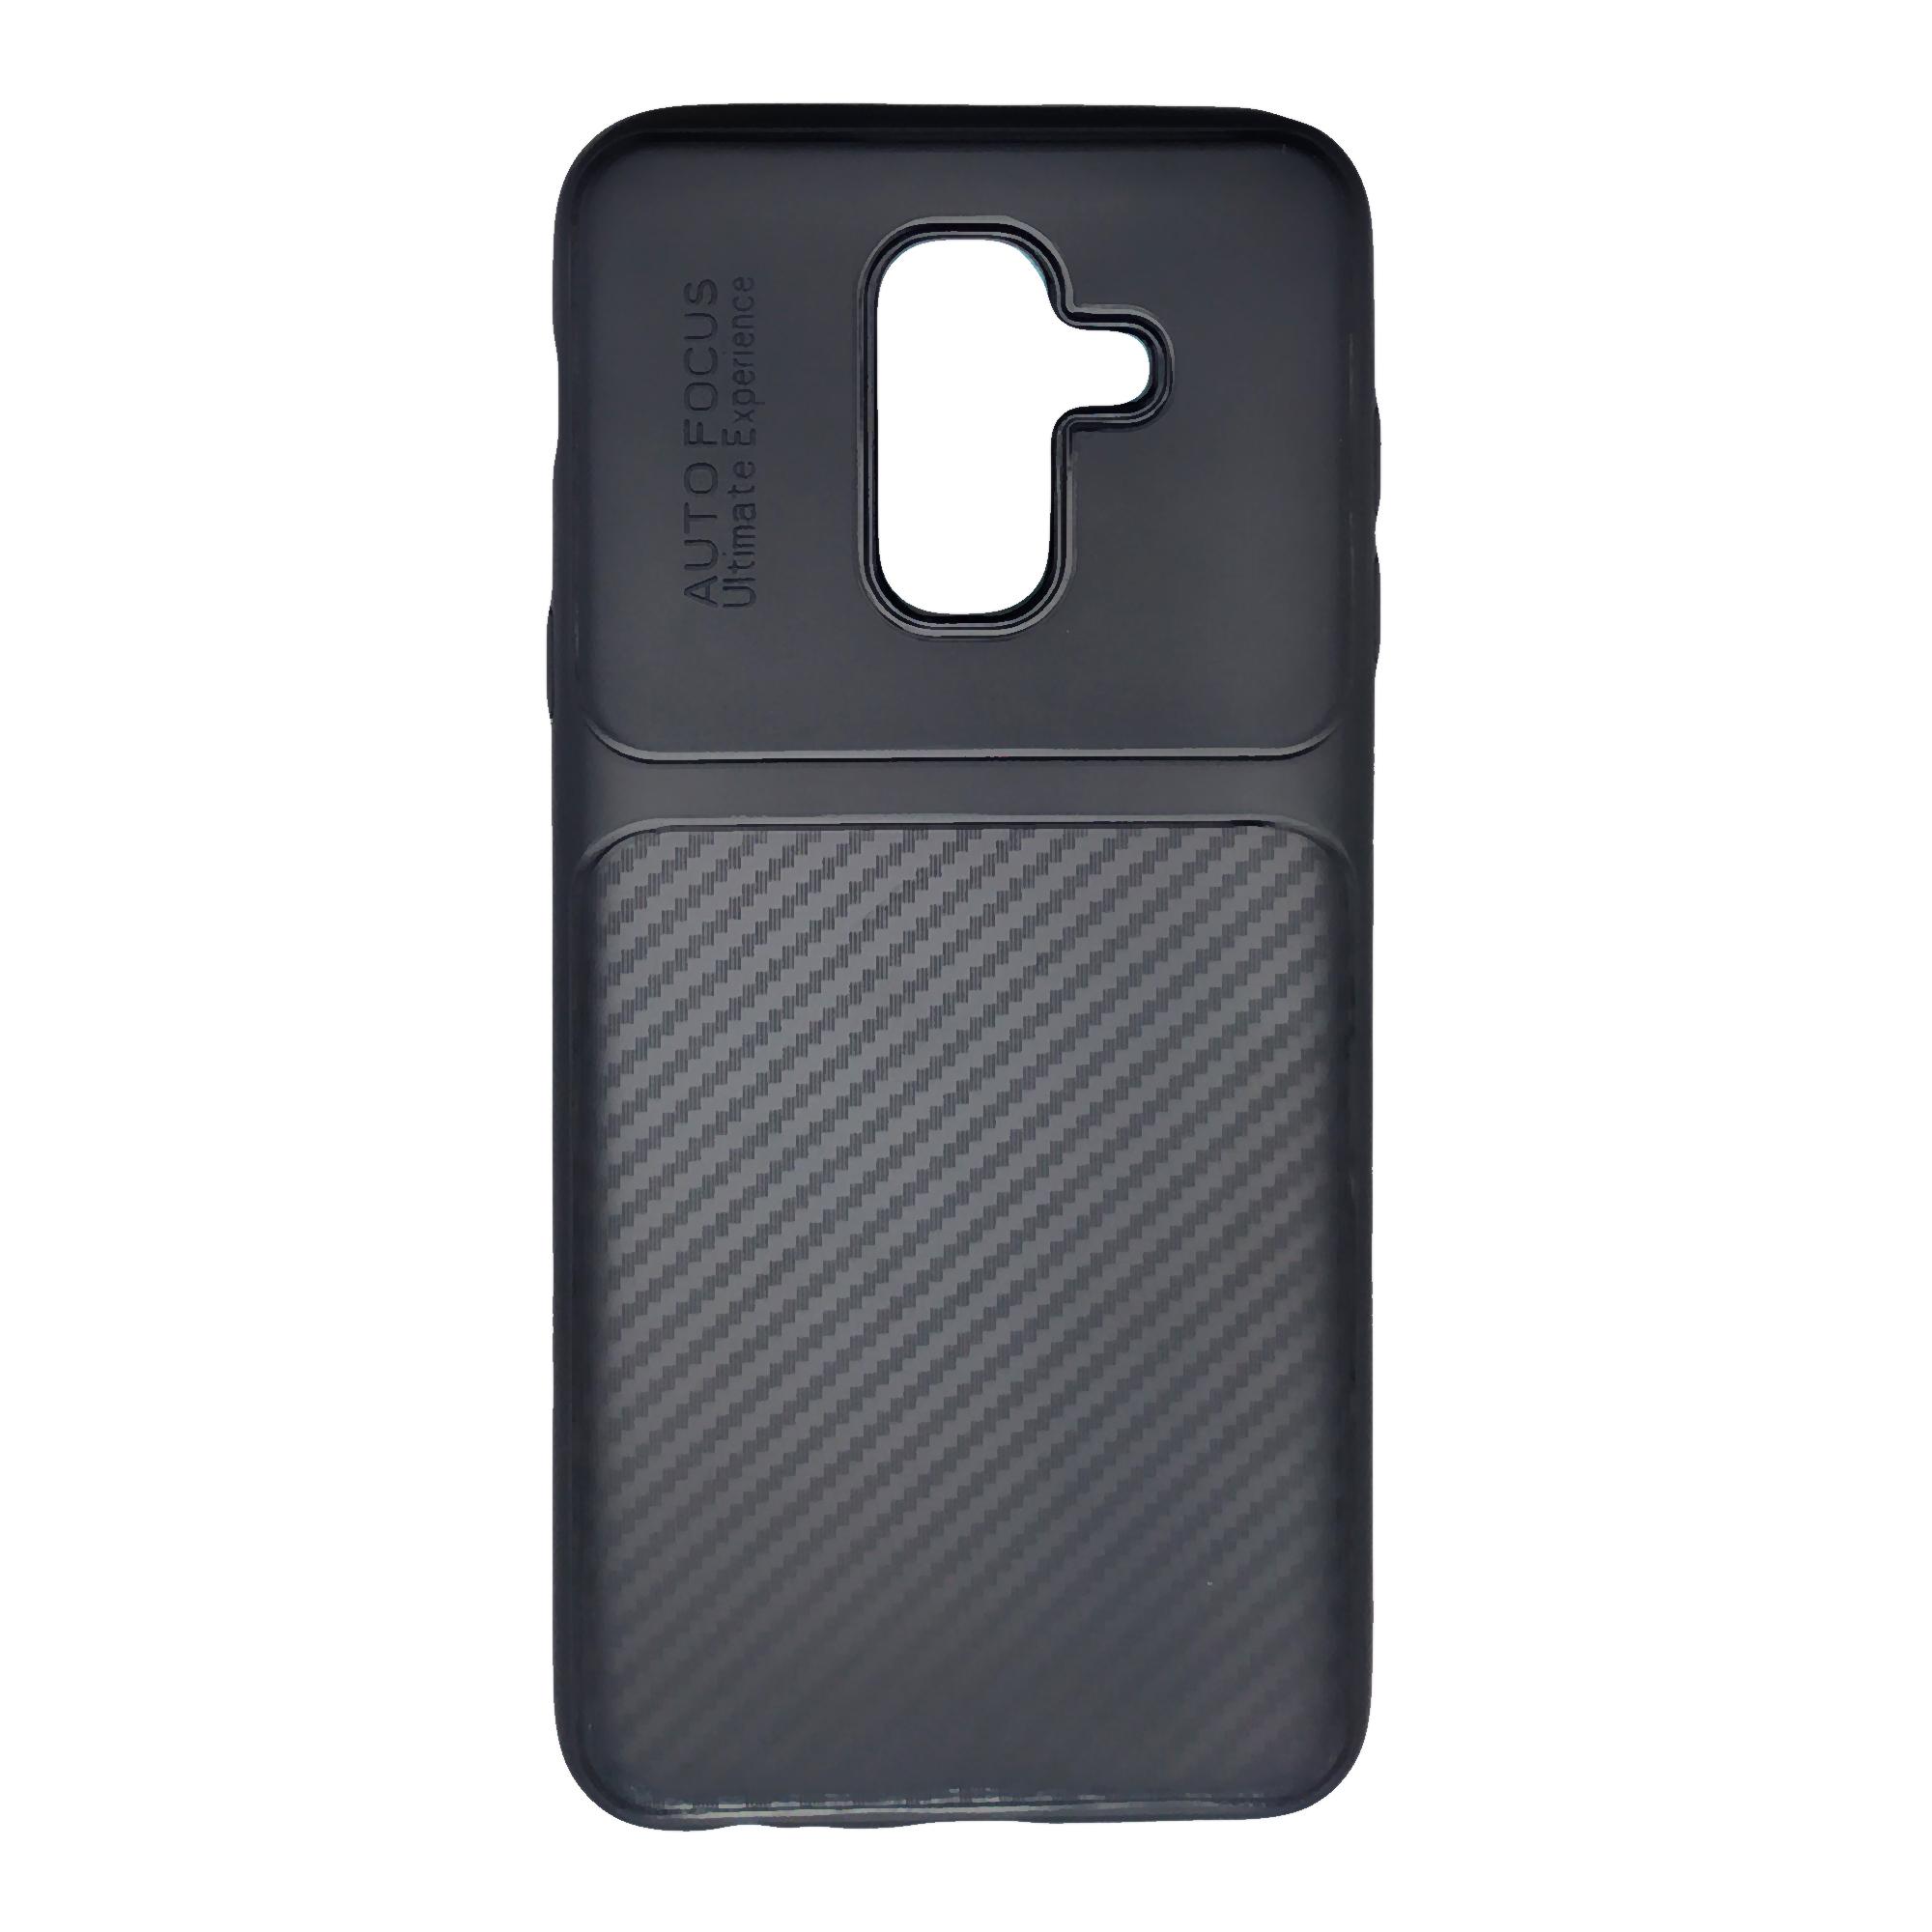 کاور کد atuo-5405 مناسب برای گوشی موبایل سامسونگ Galaxy A6 Plus 2018 / J8 2018 main 1 2